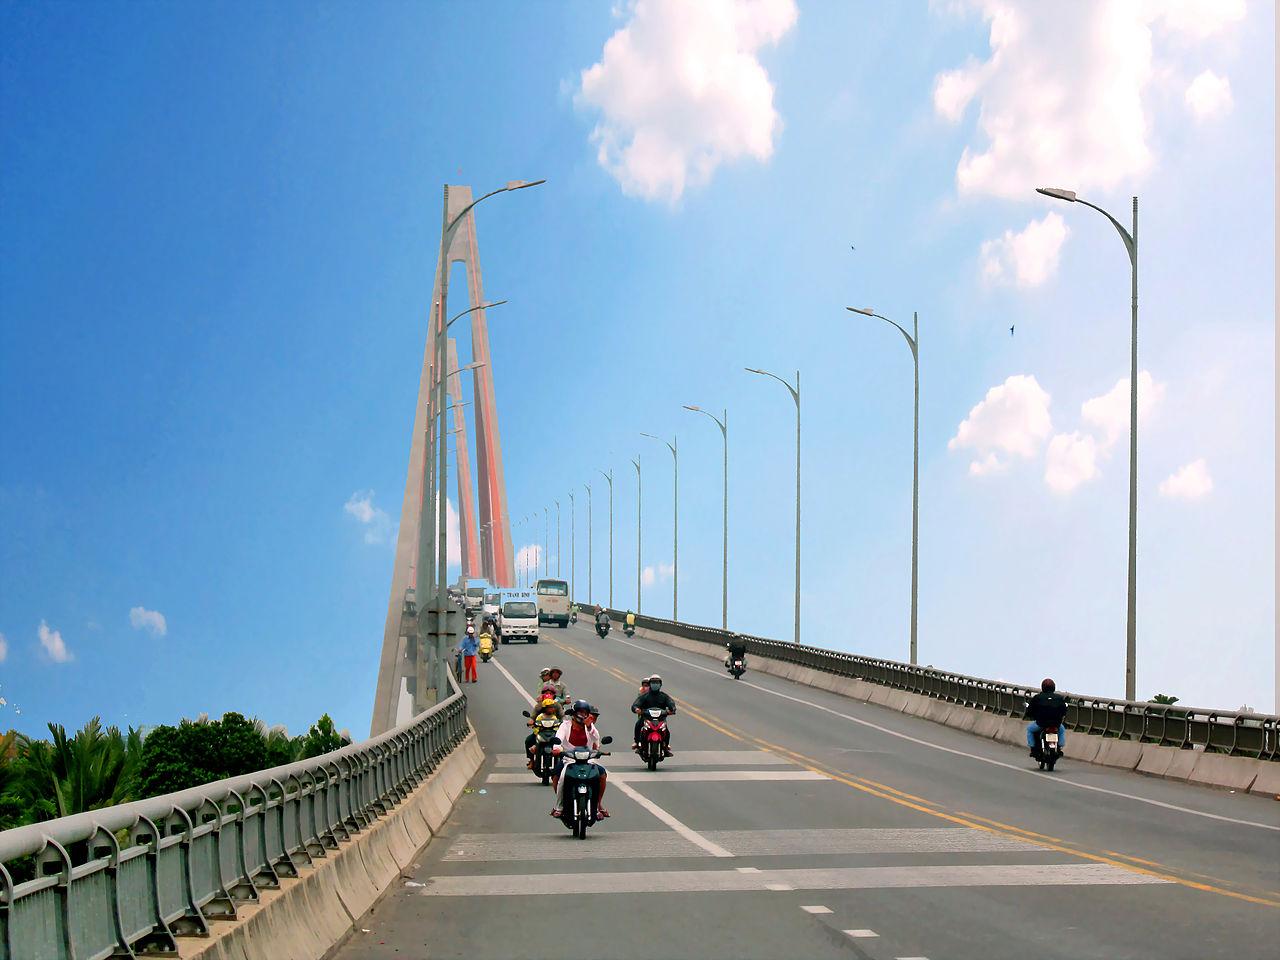 Cầu Rạch Miễu ở huyện Châu Thành, Bến Tre. Ảnh Wikipedia